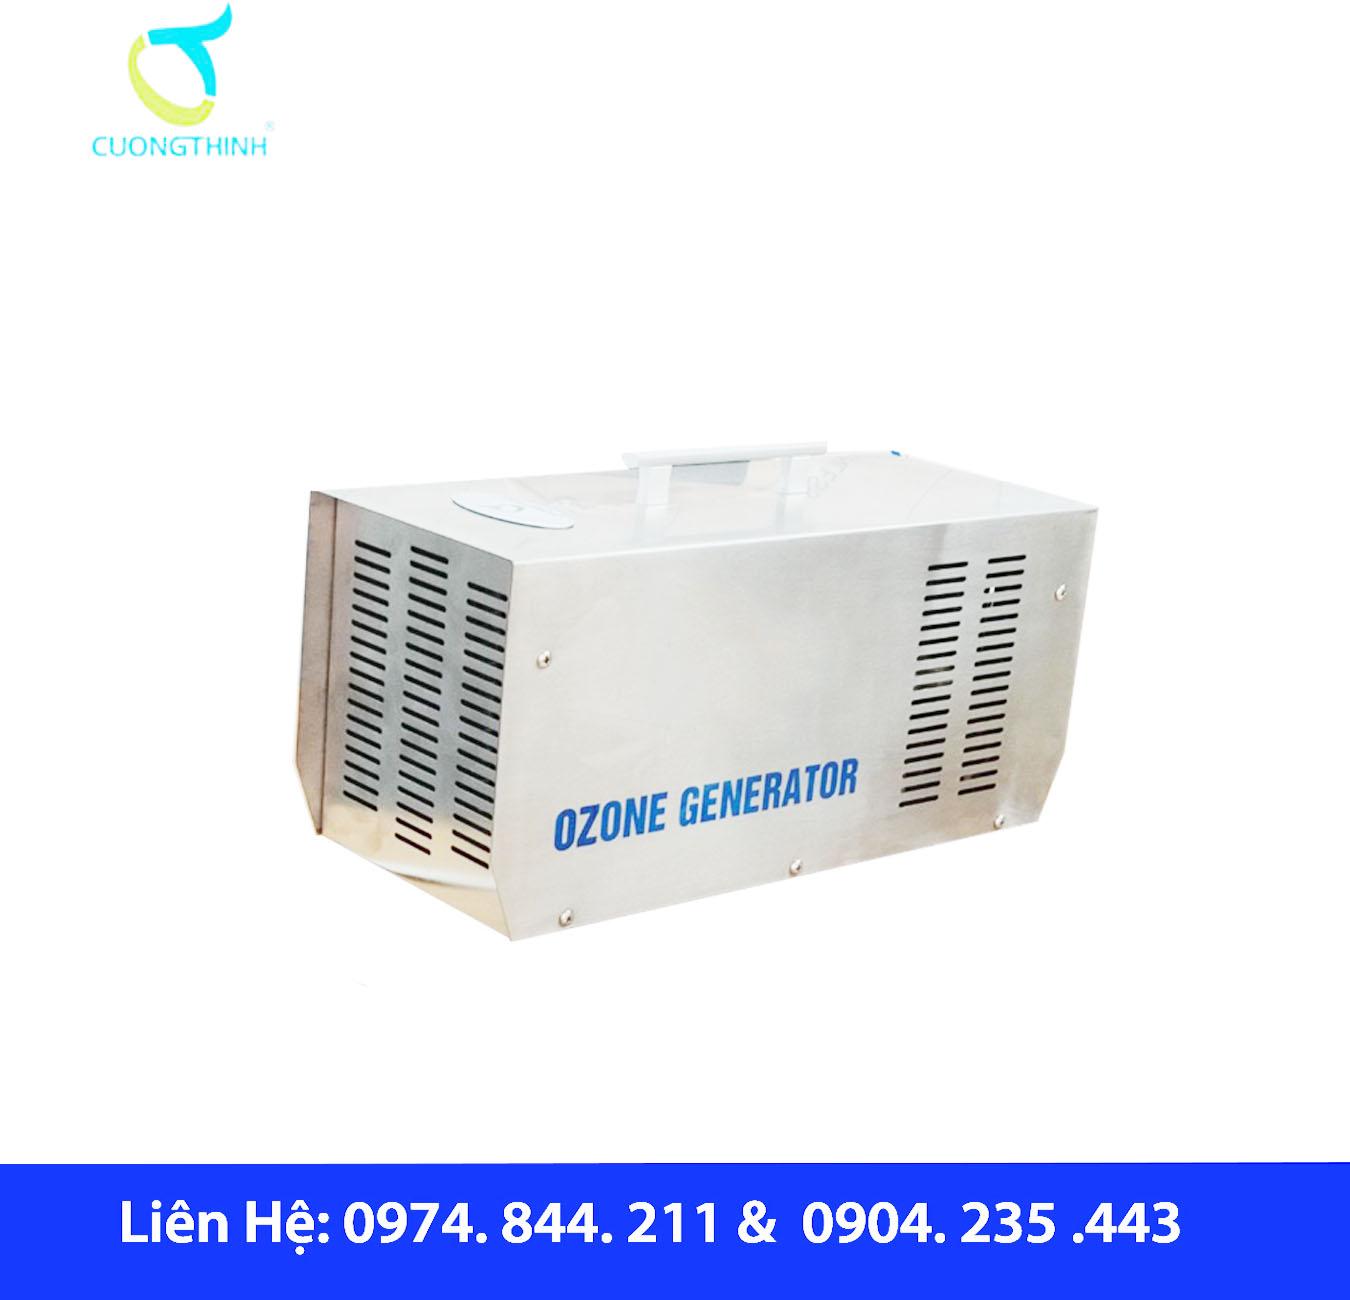 Máy khử mùi diệt khuẩn, virus đa năng Z3M - ozone, Thiết bị tạo khí ozone, Máy  ozone công nghiệp